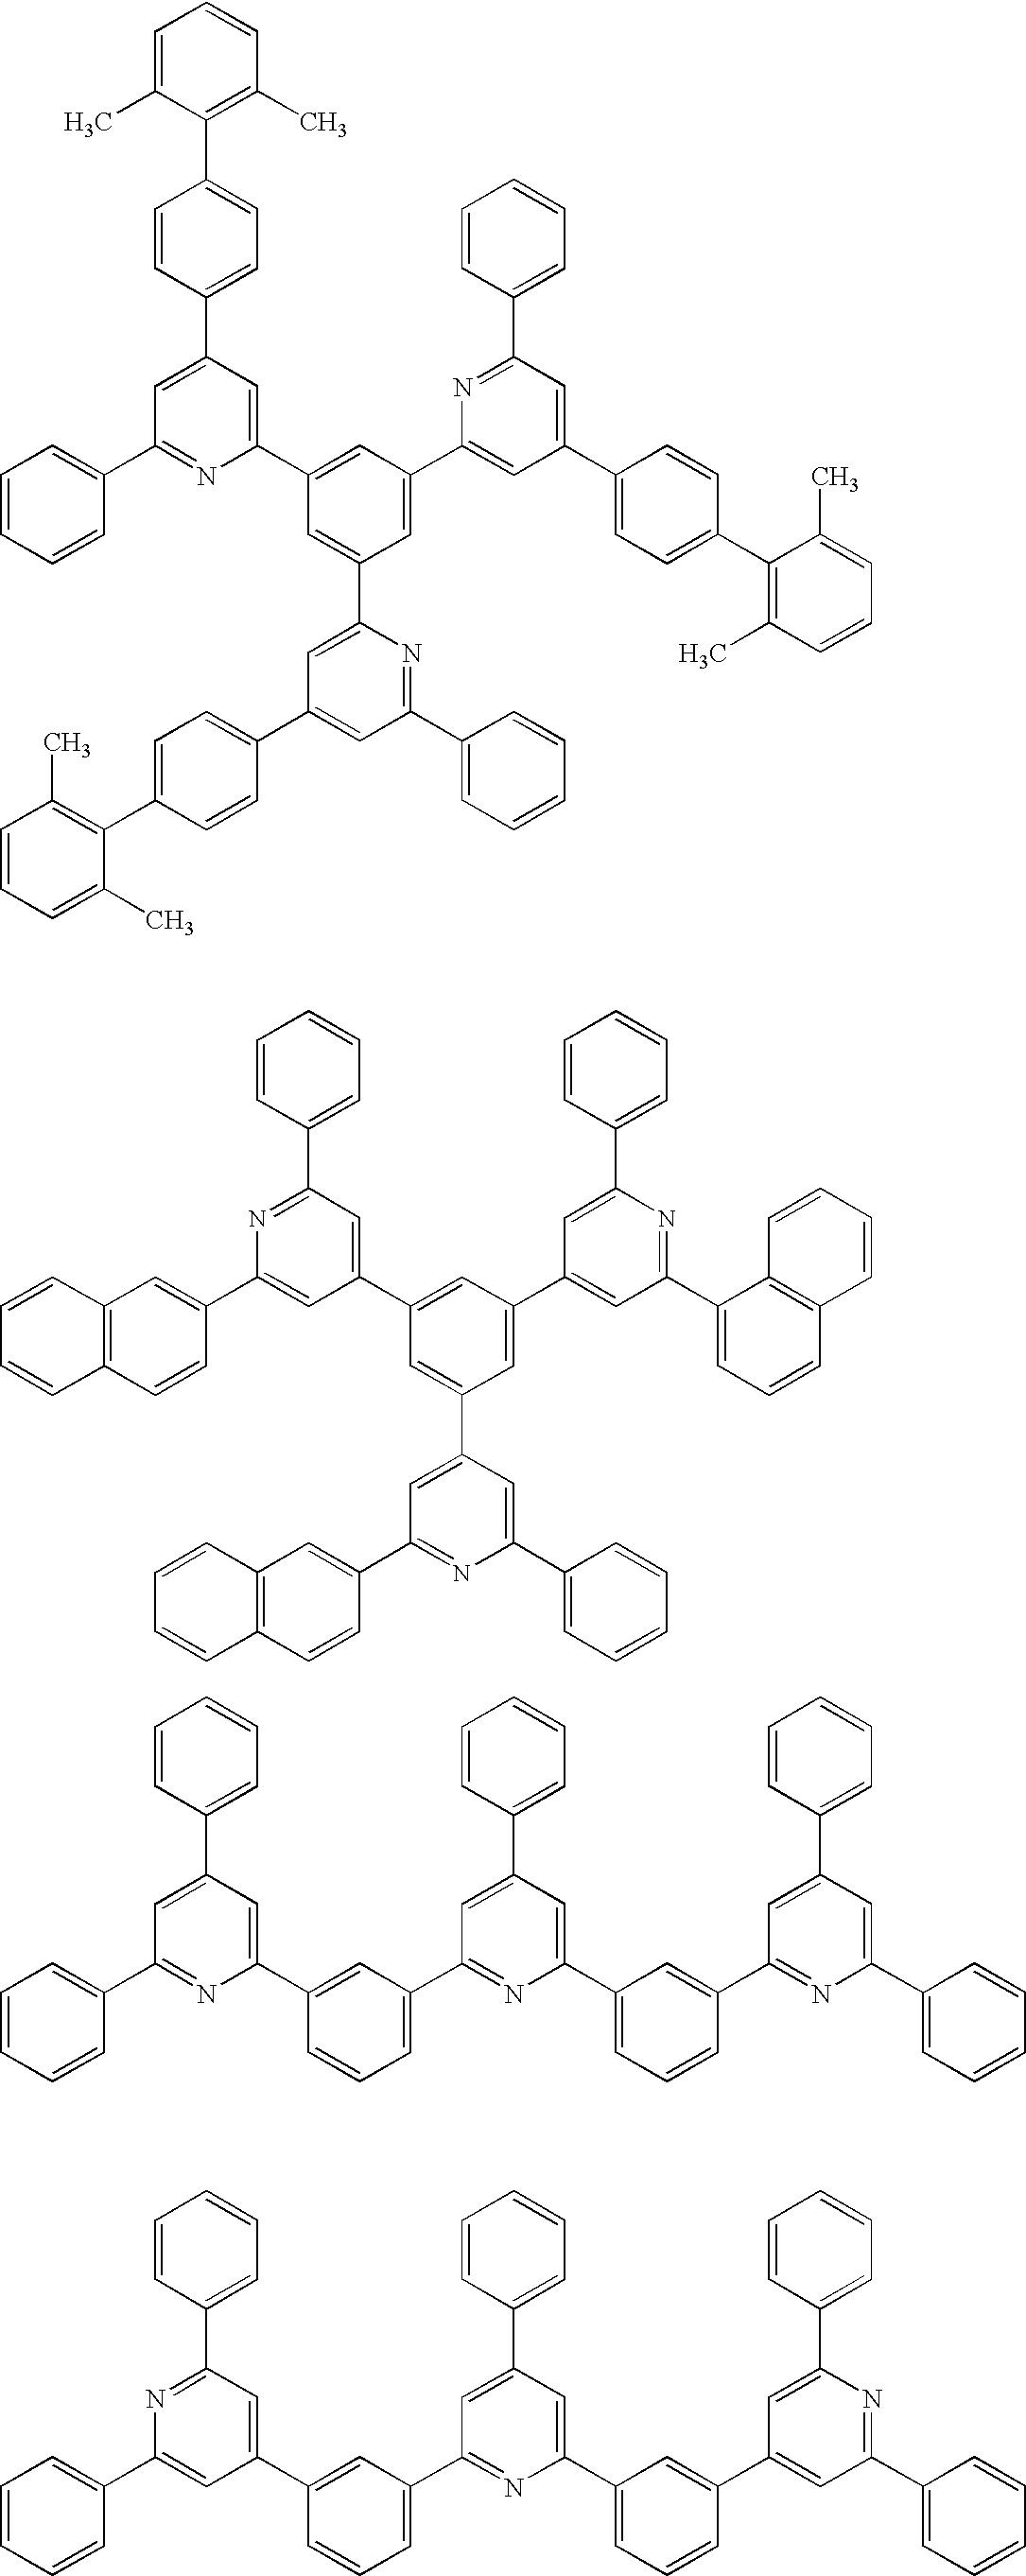 Figure US20060186796A1-20060824-C00048